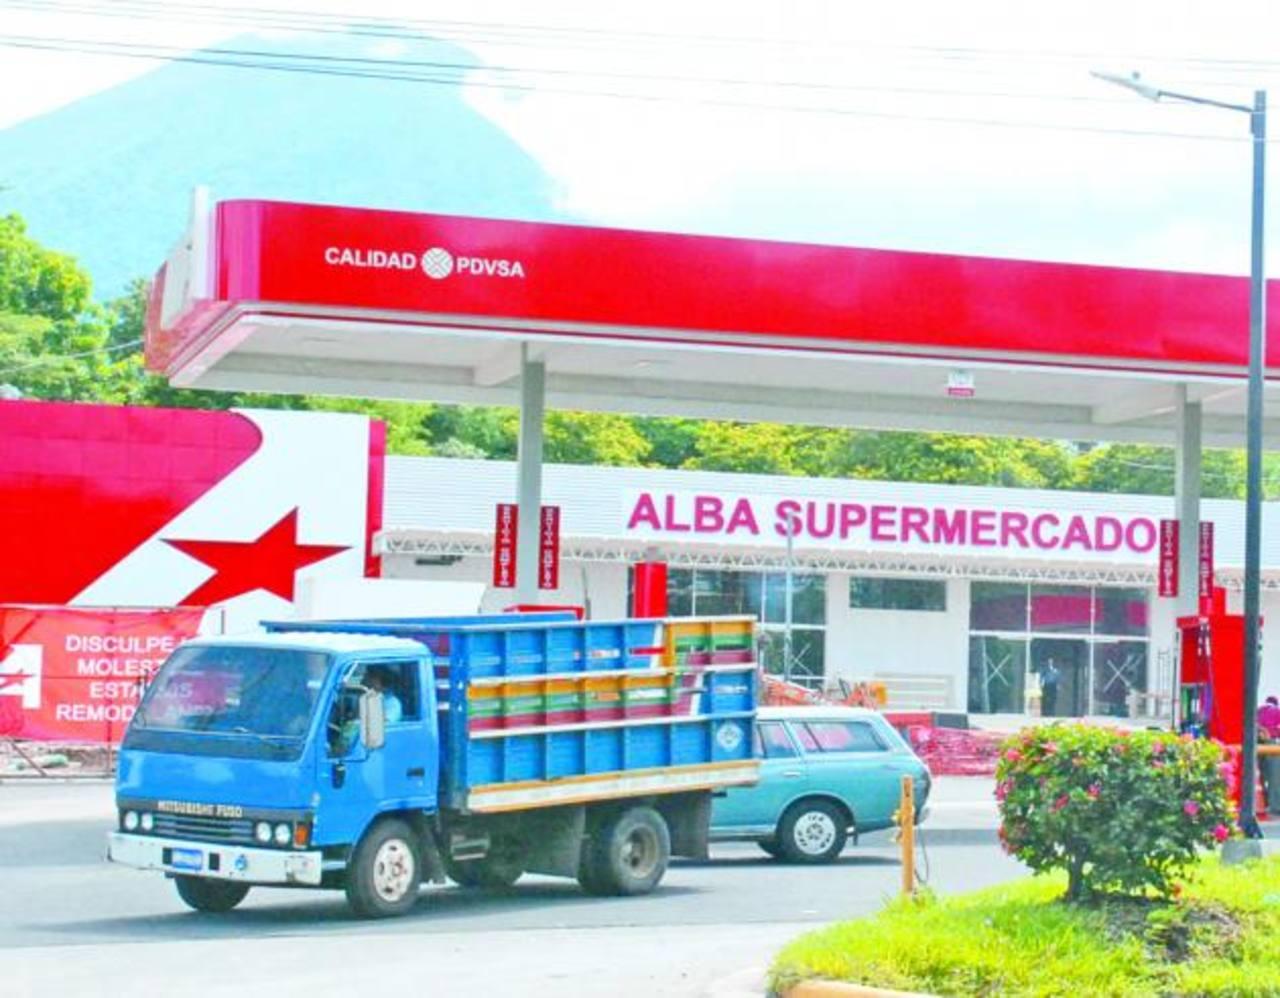 Alba Alimentos anunció que planea expandir su red de supermercados para el 2014. Los resultados del estudio de la SC se entregarán para el primer trimestre de 2014.